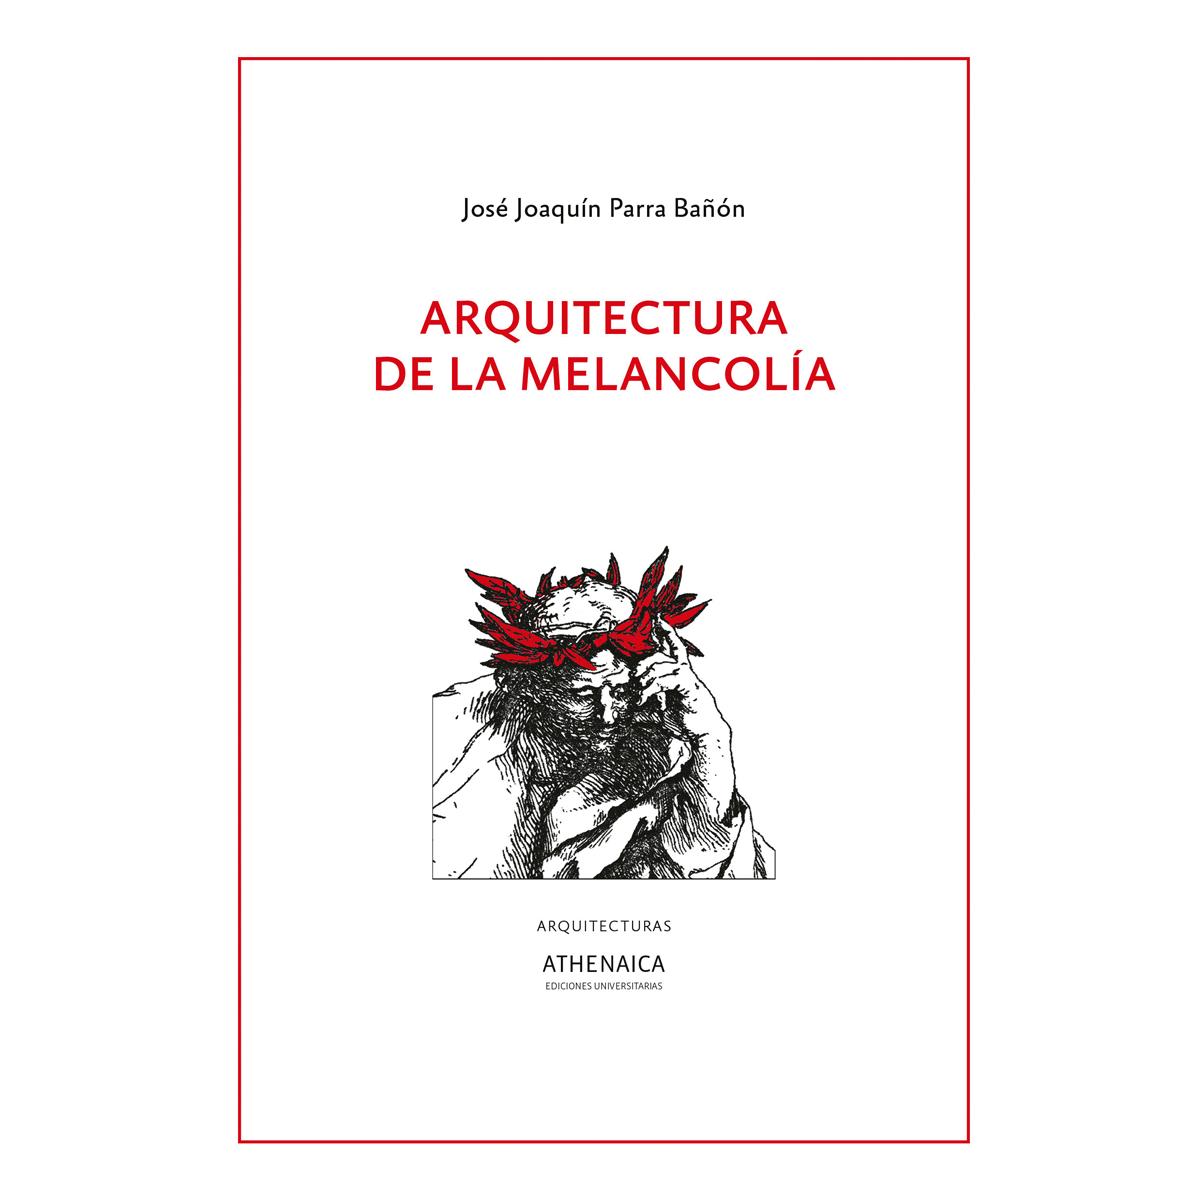 Arquitectura de la melancolía